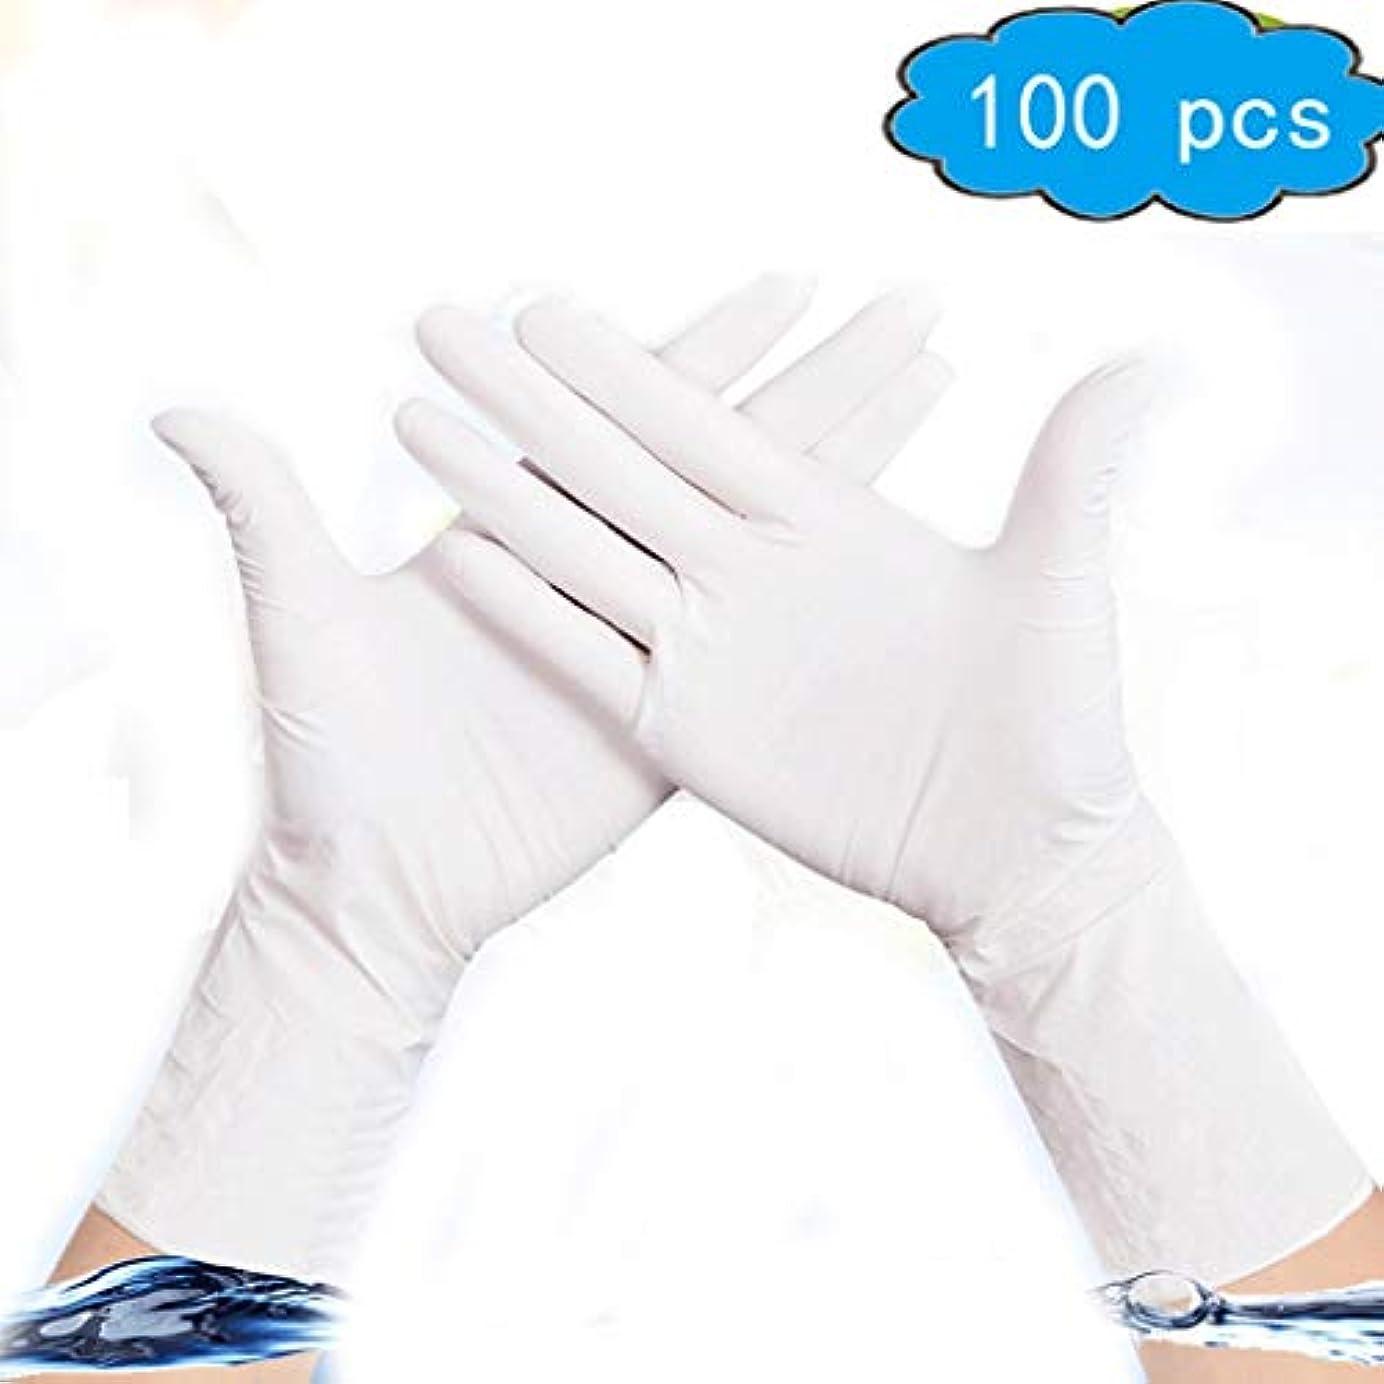 実行する合唱団出撃者使い捨てニトリル手袋、無粉末、滑らかな肌触り、食品グレード、非滅菌[100パック]、サニタリー手袋、家庭用品、ツール&ホームインプルーブメント (Color : White, Size : XS)